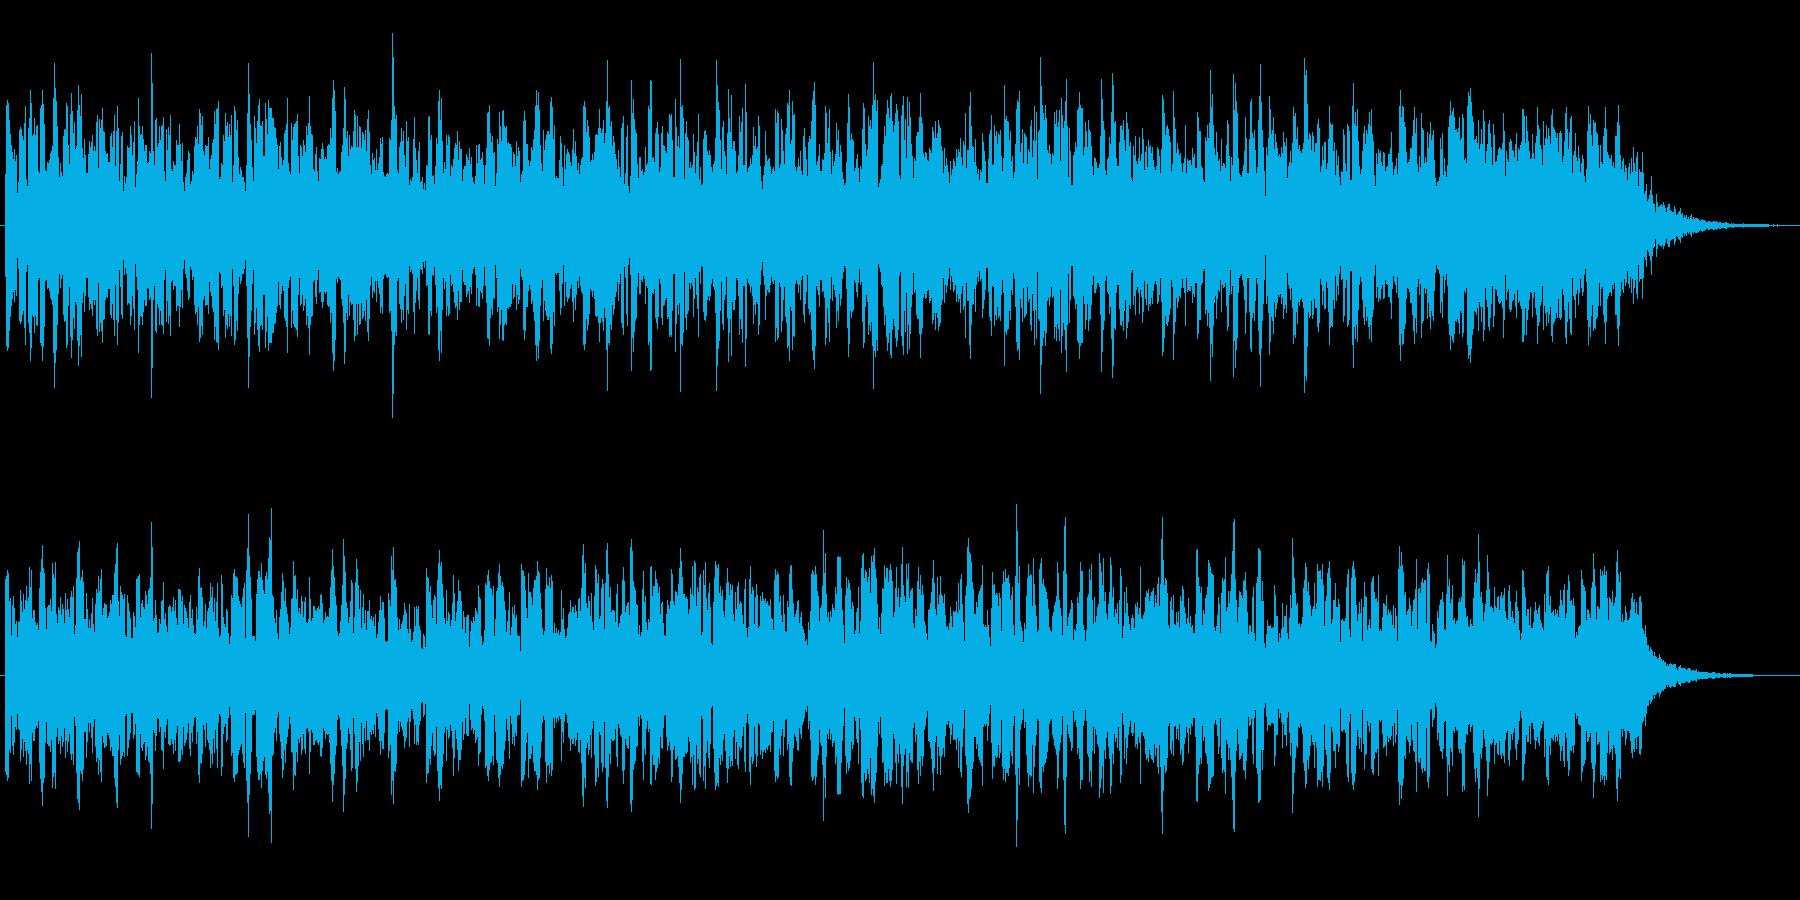 エレクトリックなベースのほのぼのジングルの再生済みの波形